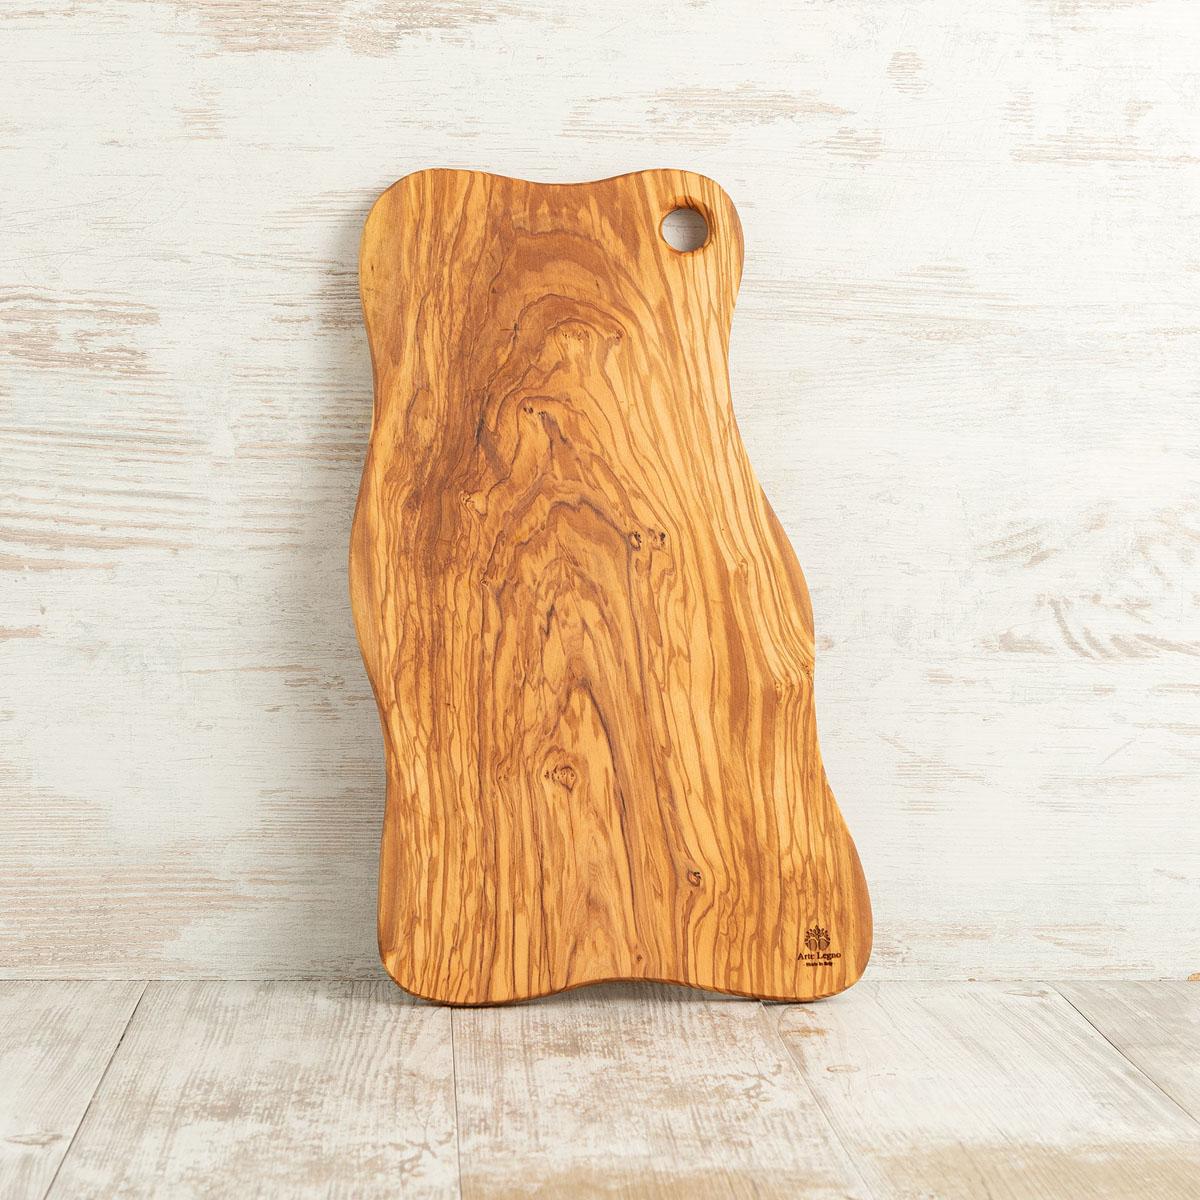 Tagliere onda 50×26×1,8 in legno di ulivo - Arte Legno